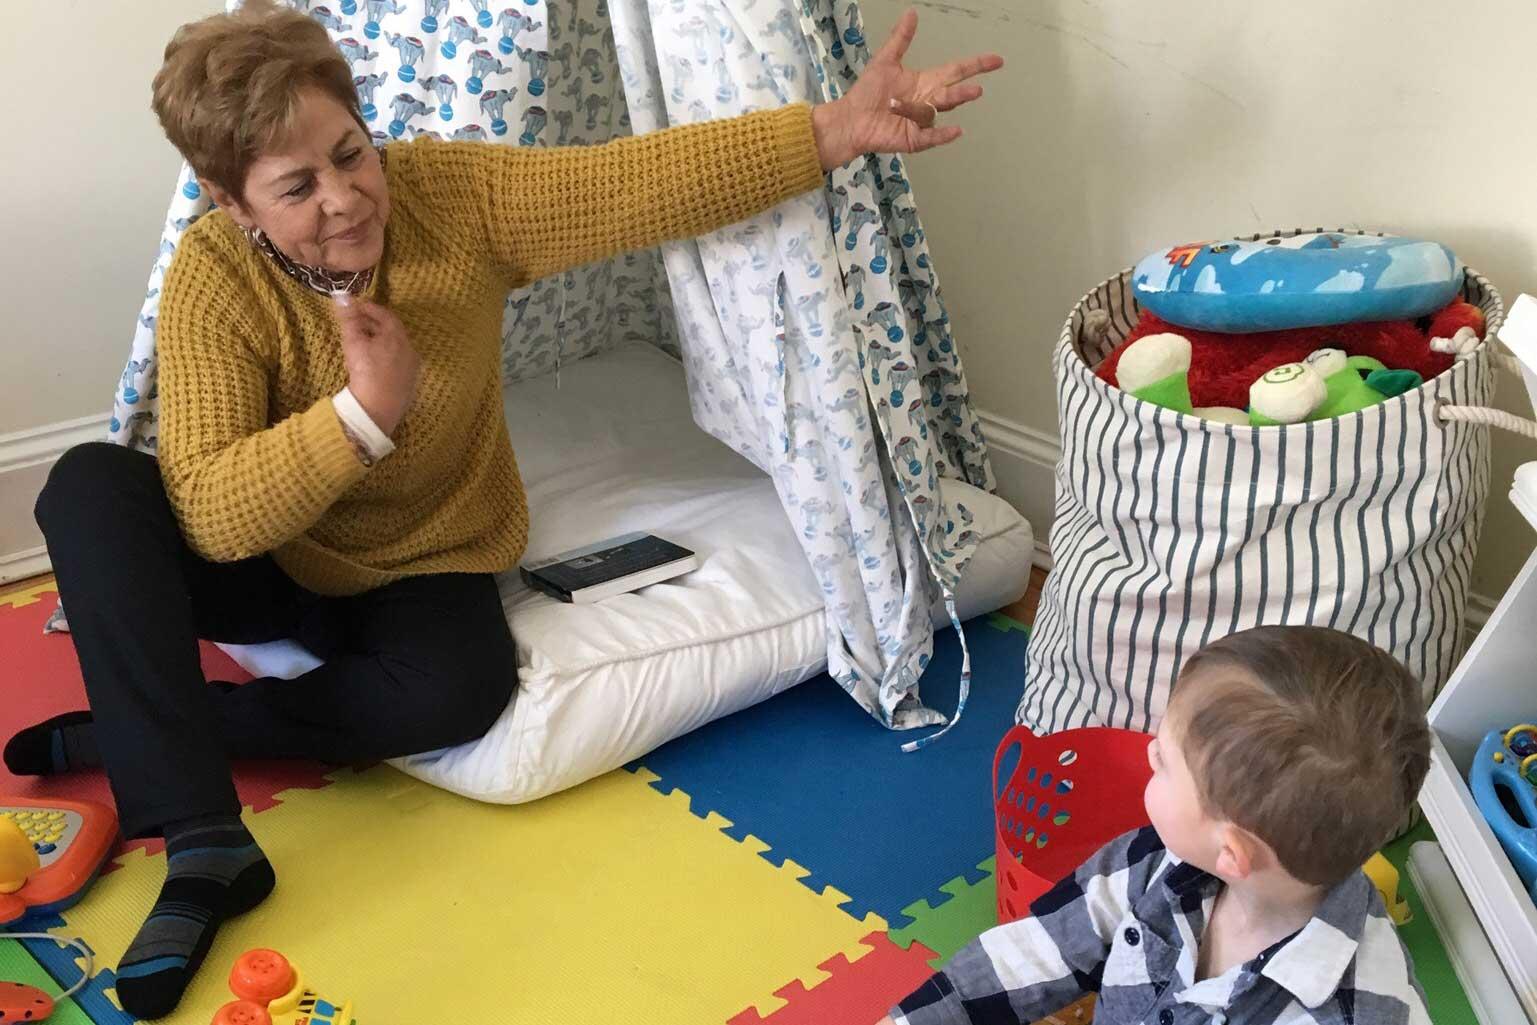 Ethan and Grandma playing